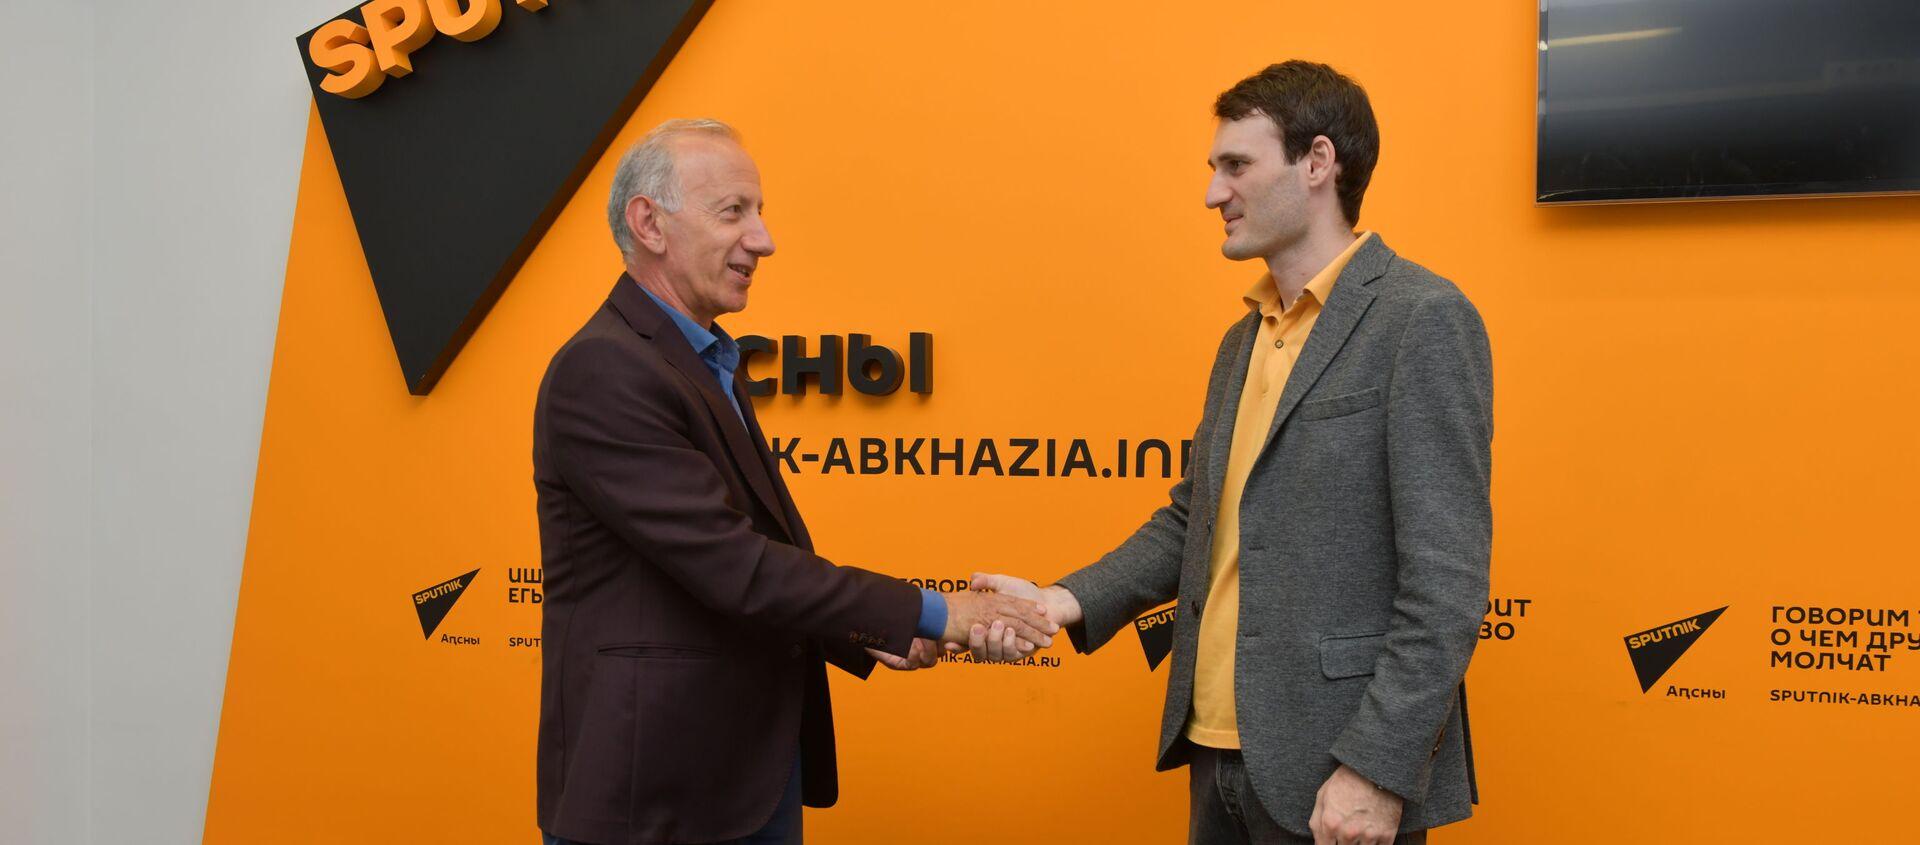 Сотрудники Sputnik стали членами Союза журналистов Абхазии  - Sputnik Абхазия, 1920, 09.09.2021